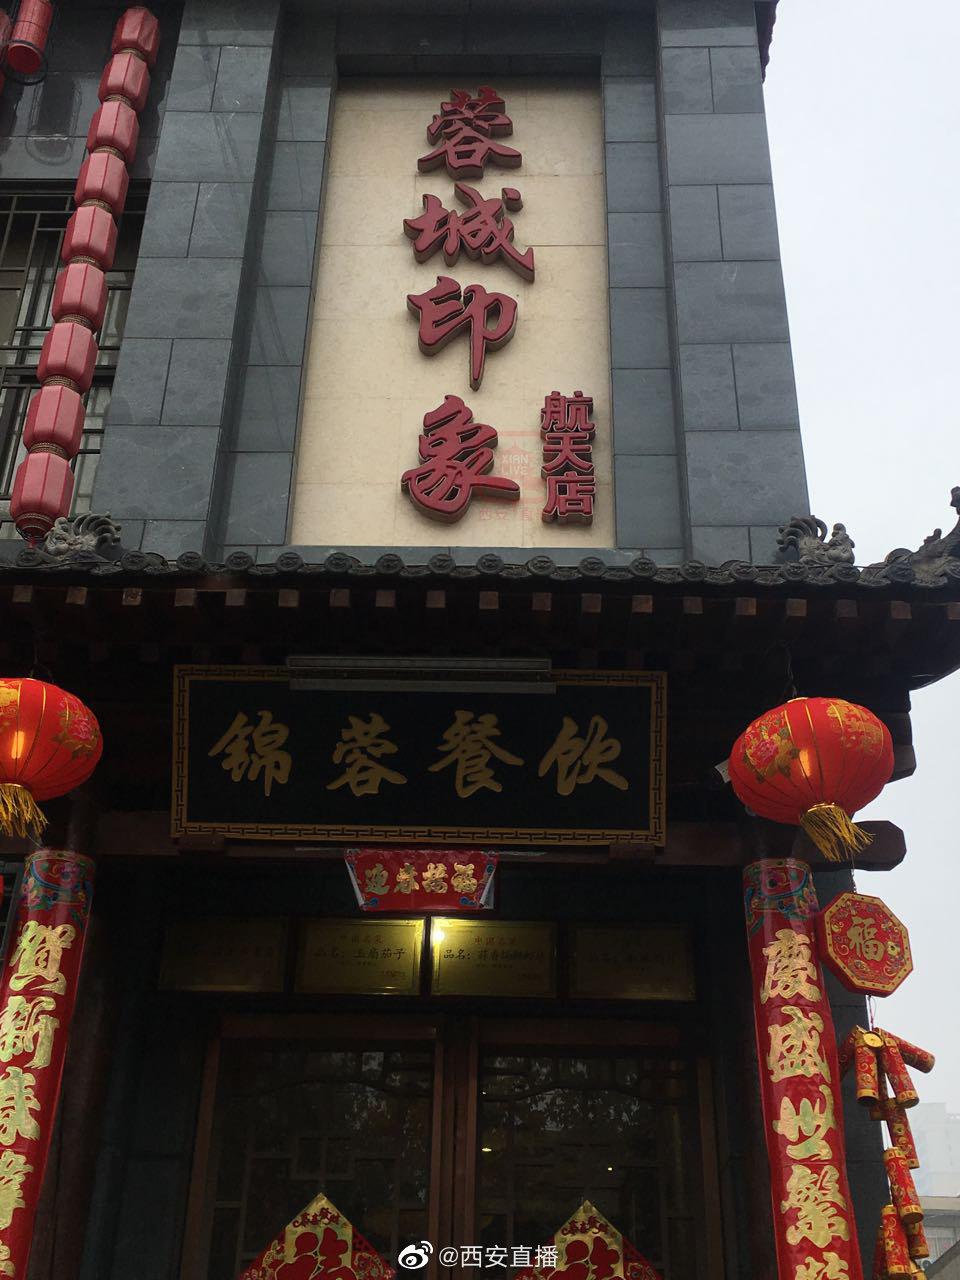 网友投稿:本打算2月9号给宝宝摆酒席过百日宴,提前订好酒店